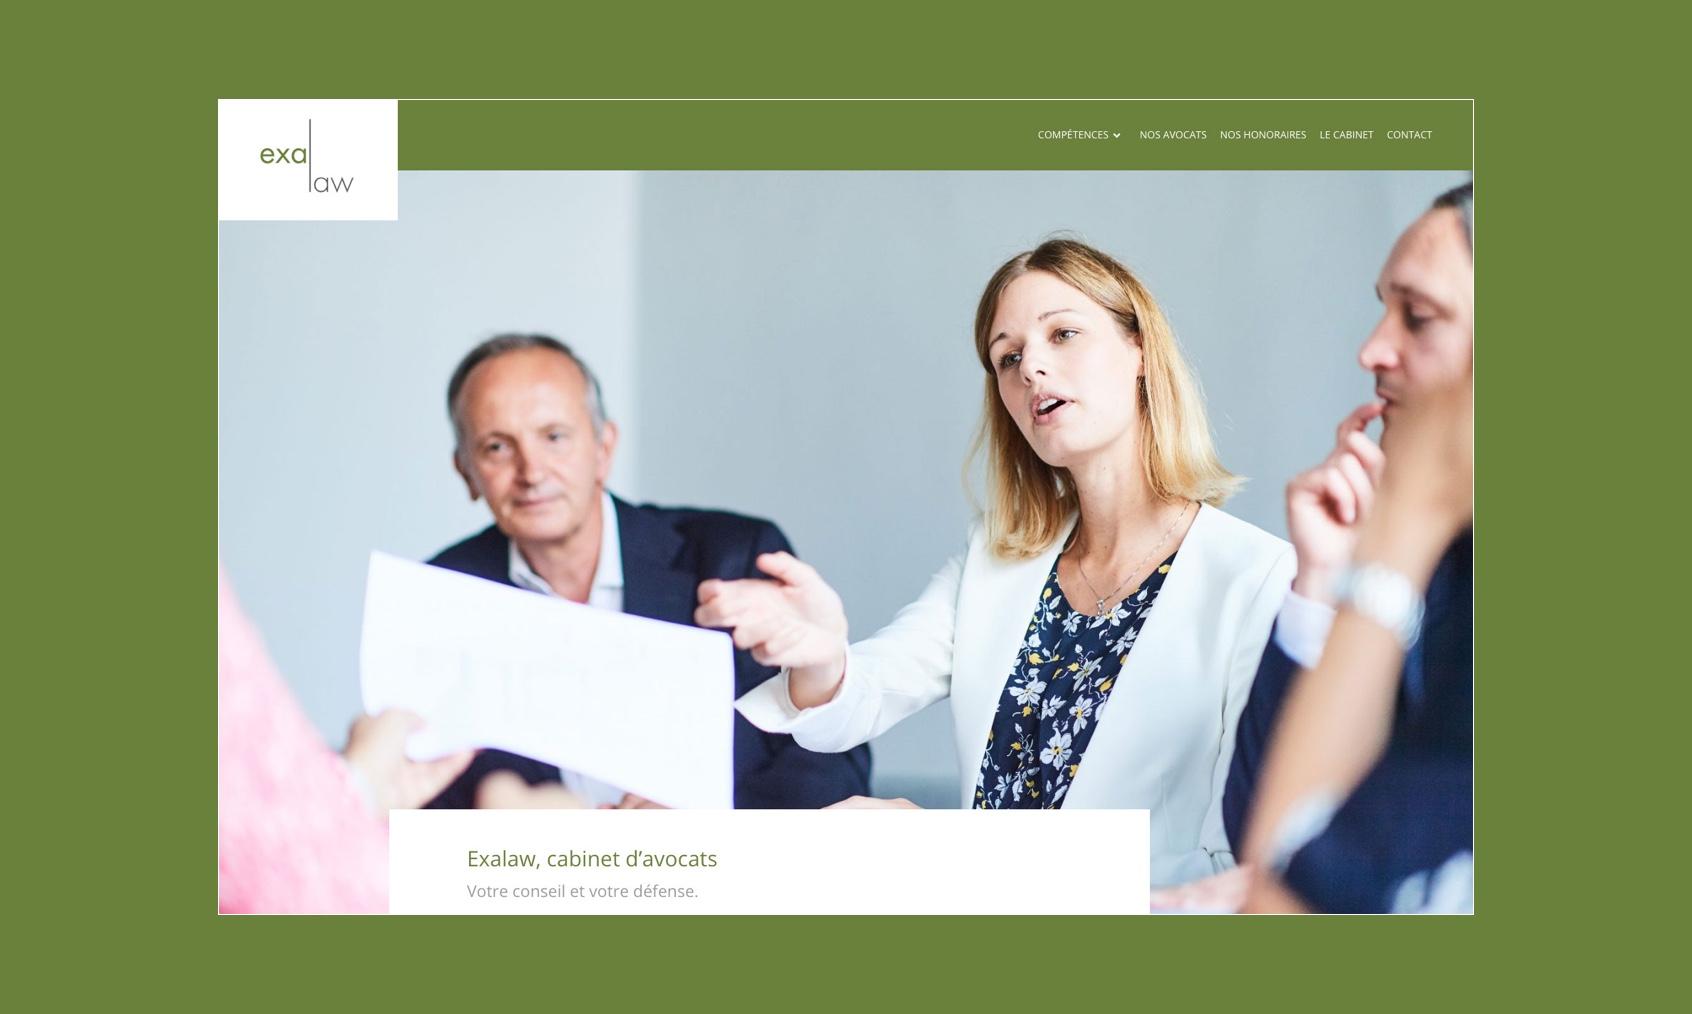 Création de site internet pour un cabinet d'avocats situé à Nivelles